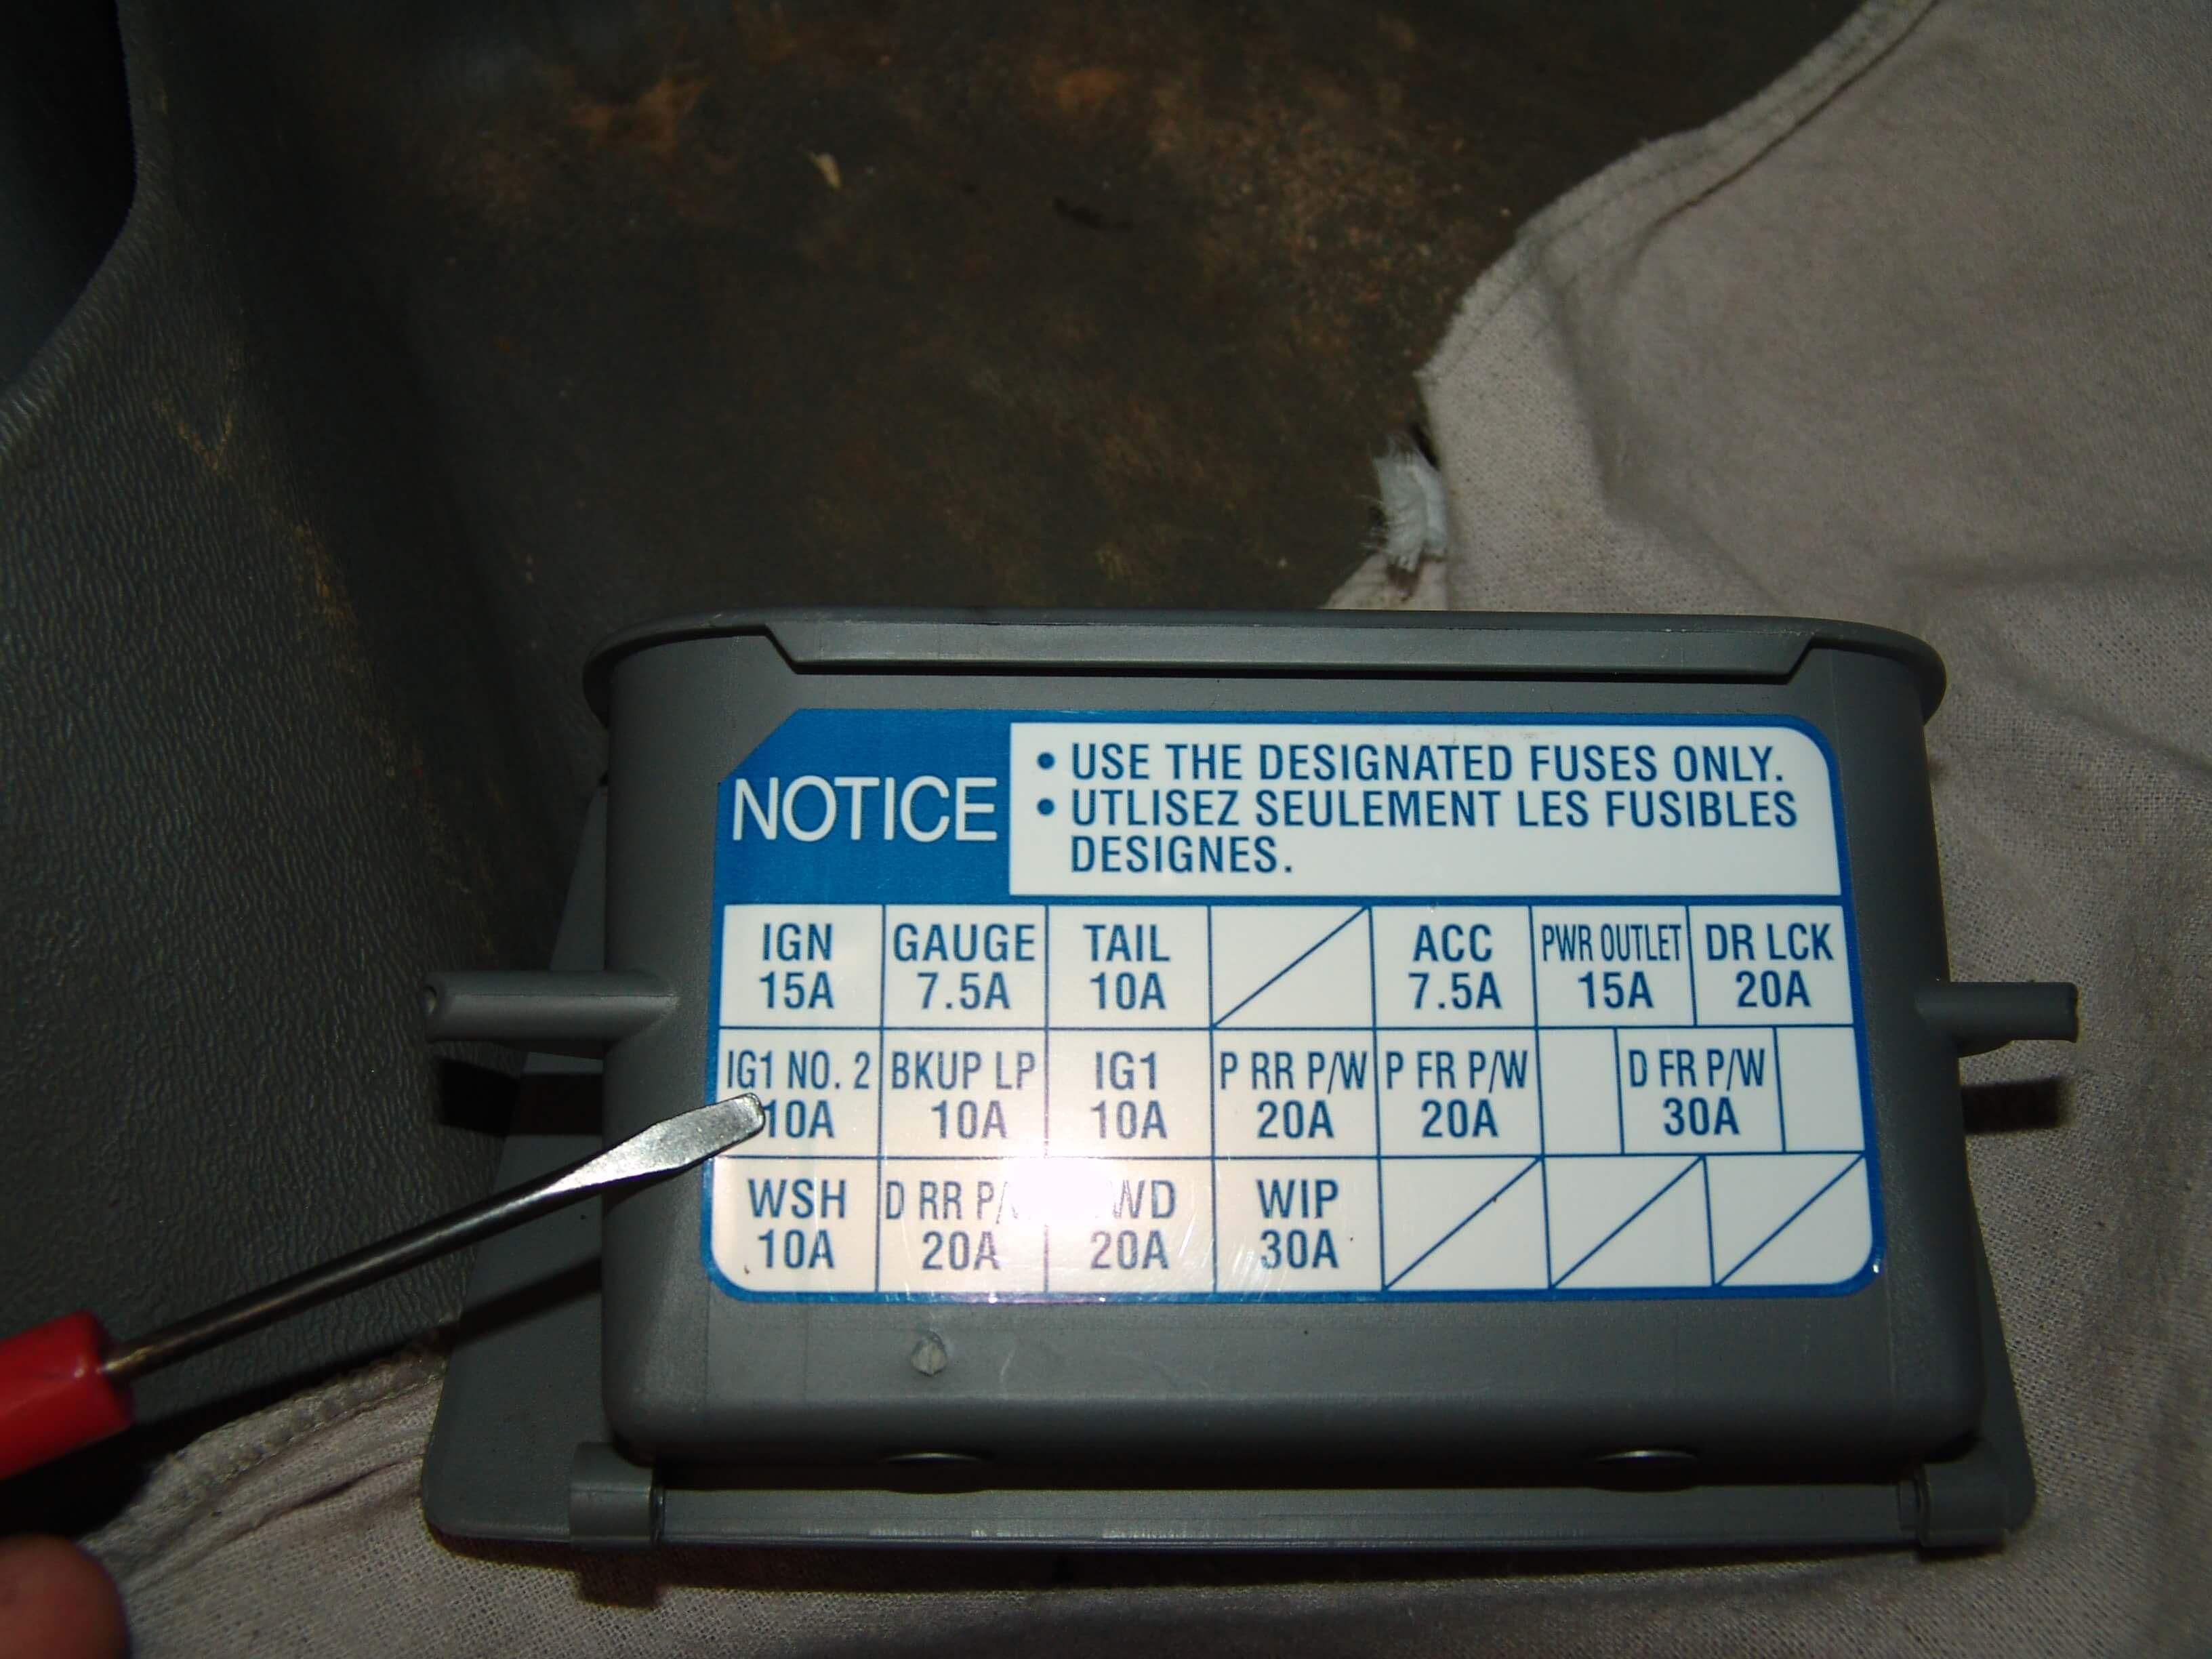 2007 Toyota Tacoma Fuse Box